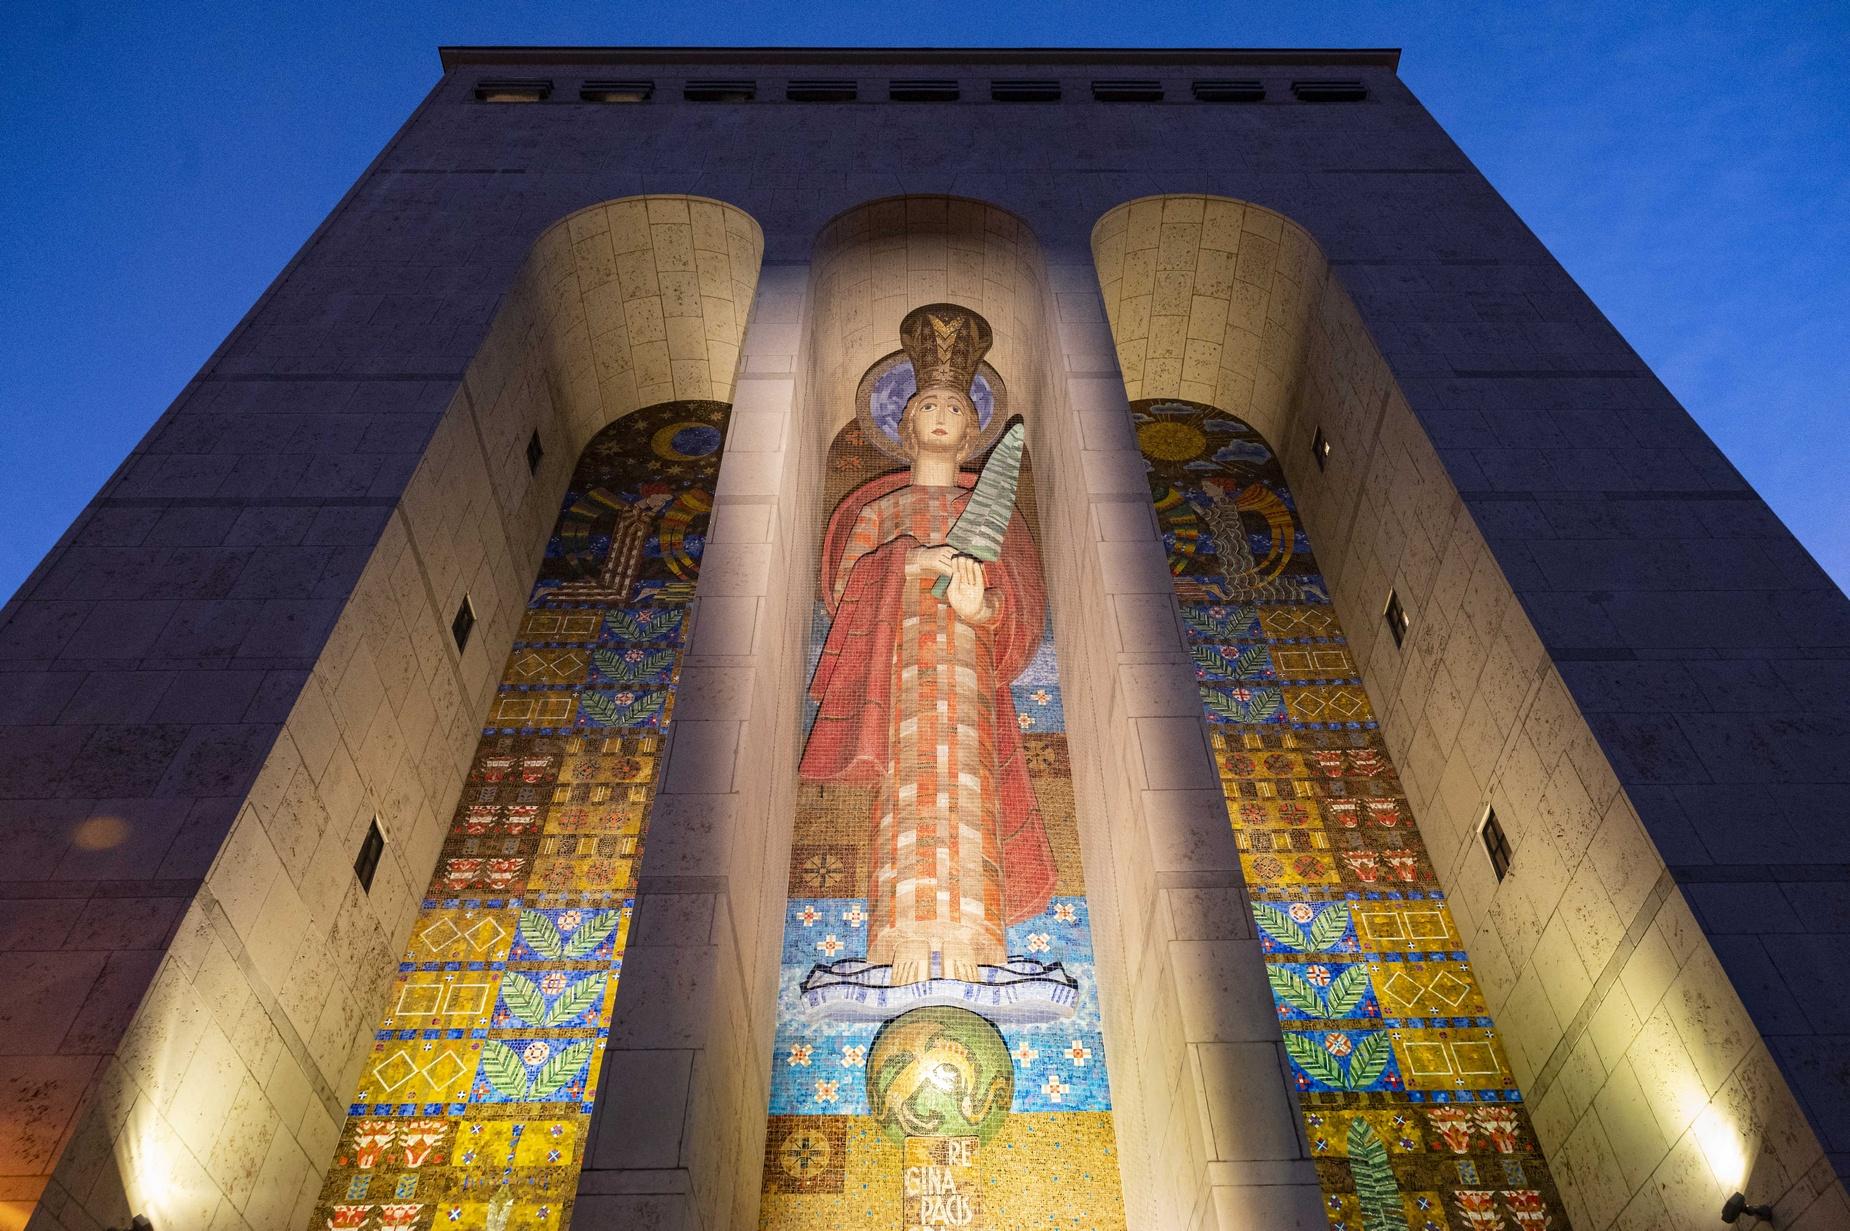 frauenfriedenskirche_vor_wiedereroeffnung_5.jpg